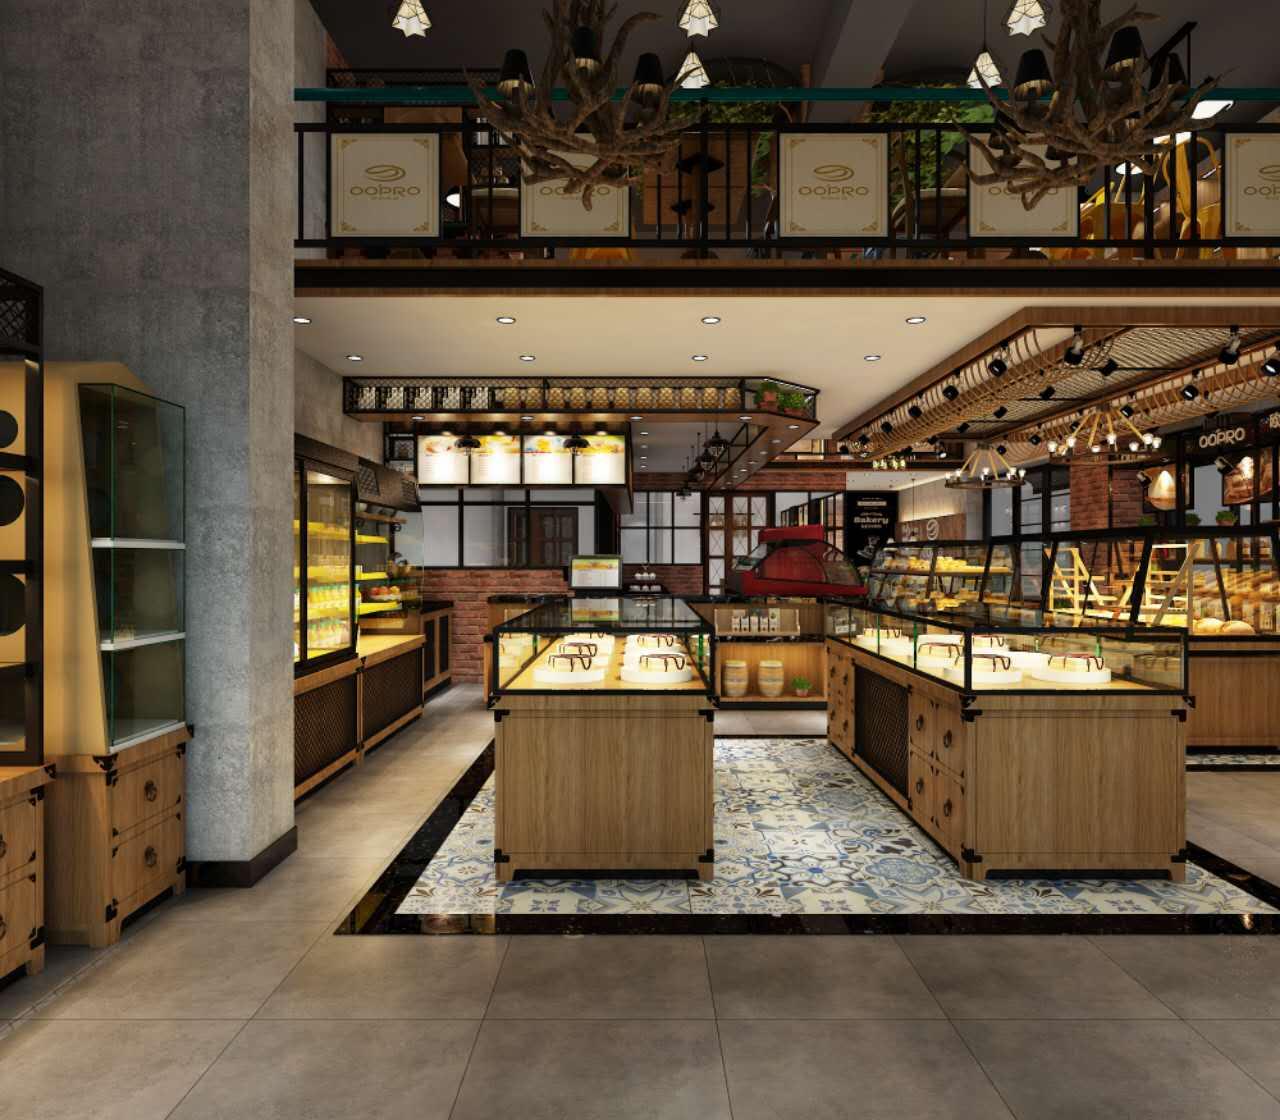 咖啡店加盟找鸿昌淇投资管理 当地的咖啡加盟